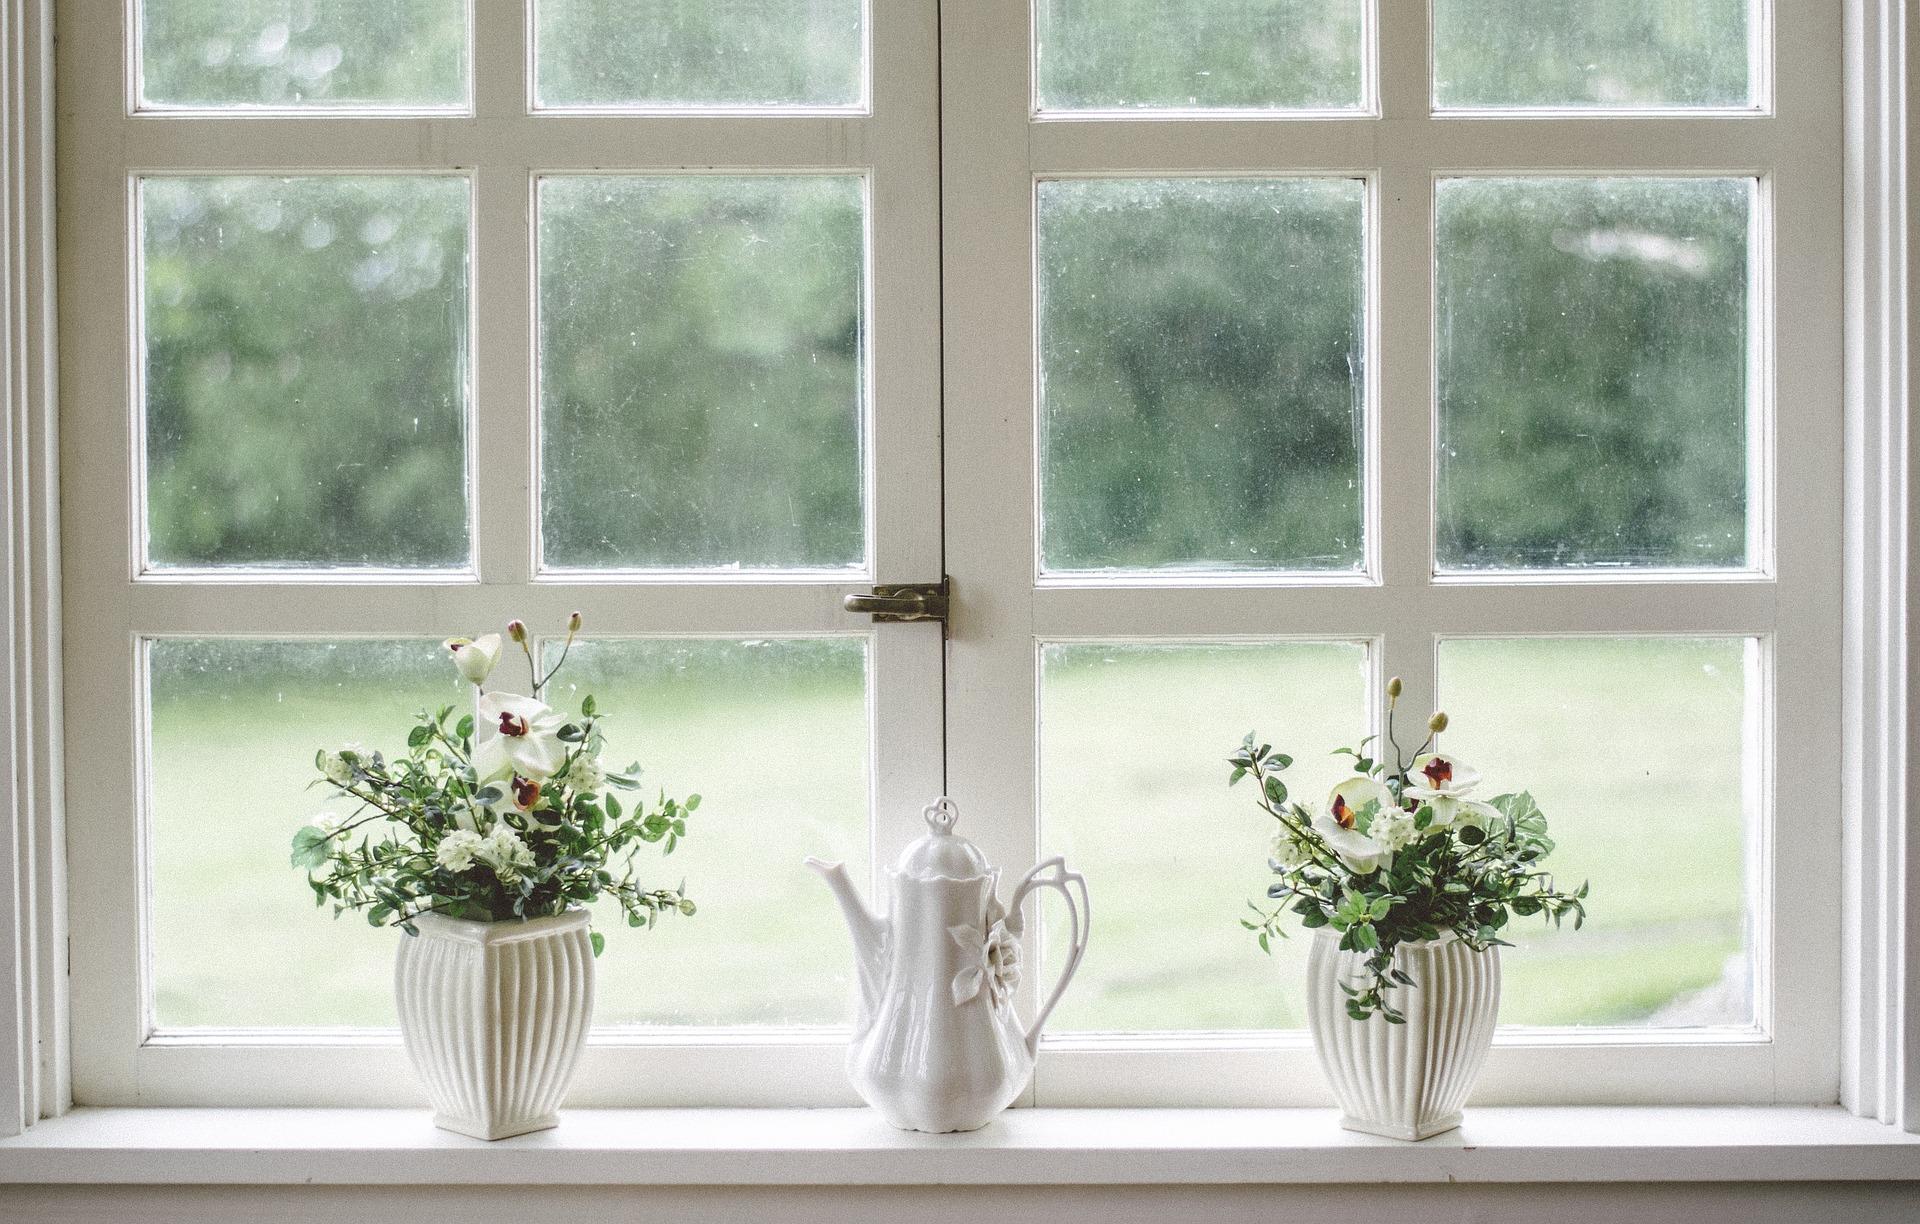 空き巣は窓からの侵入が最も多い!気をつけるべき窓の防犯対策